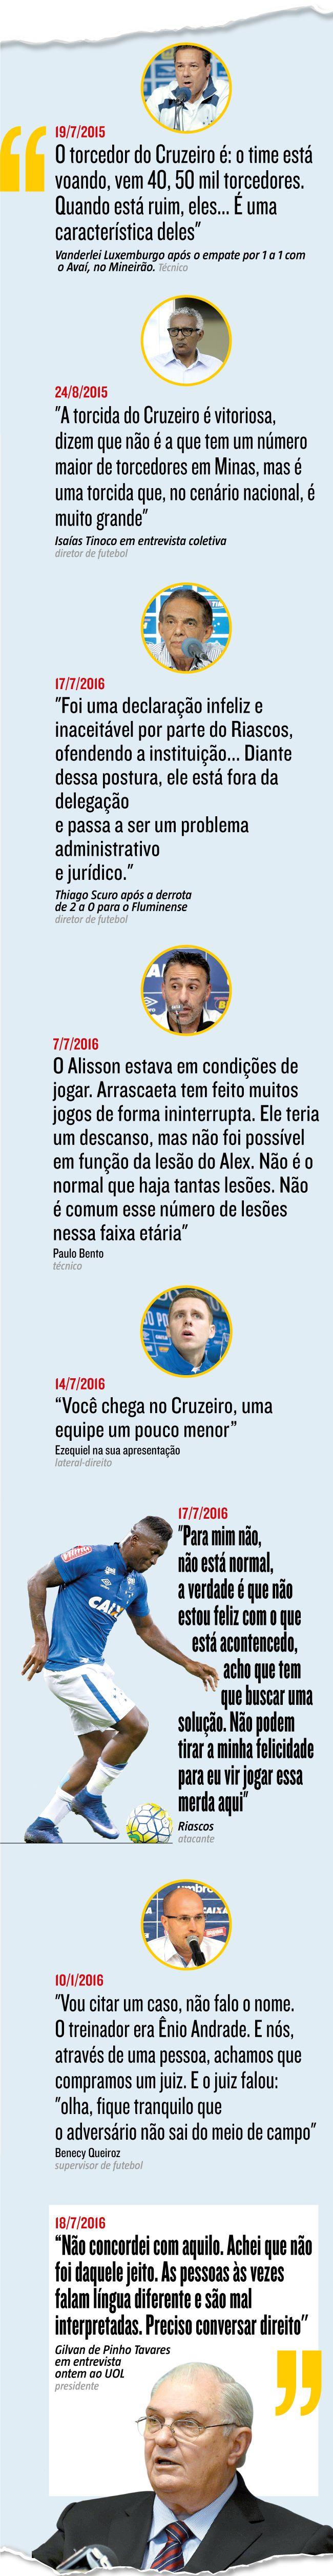 Fora de campo, o Cruzeiro sofre, desde o ano passado, com declarações que não só irritam ou ridicularizam a torcida, mas que servem também para conturbar o ambiente interno, que nunca é dos melhores em tempos de resultados ruins dentro de campo. (19/07/2016) #Cruzeiro #Brasileirão #CampeonatoBrasileiro #Luxemburgo #Scuro #PauloBento #Ezequiel #Riascos #Benecy #Gilvan #Infográfico #Infografia #HojeEmDia